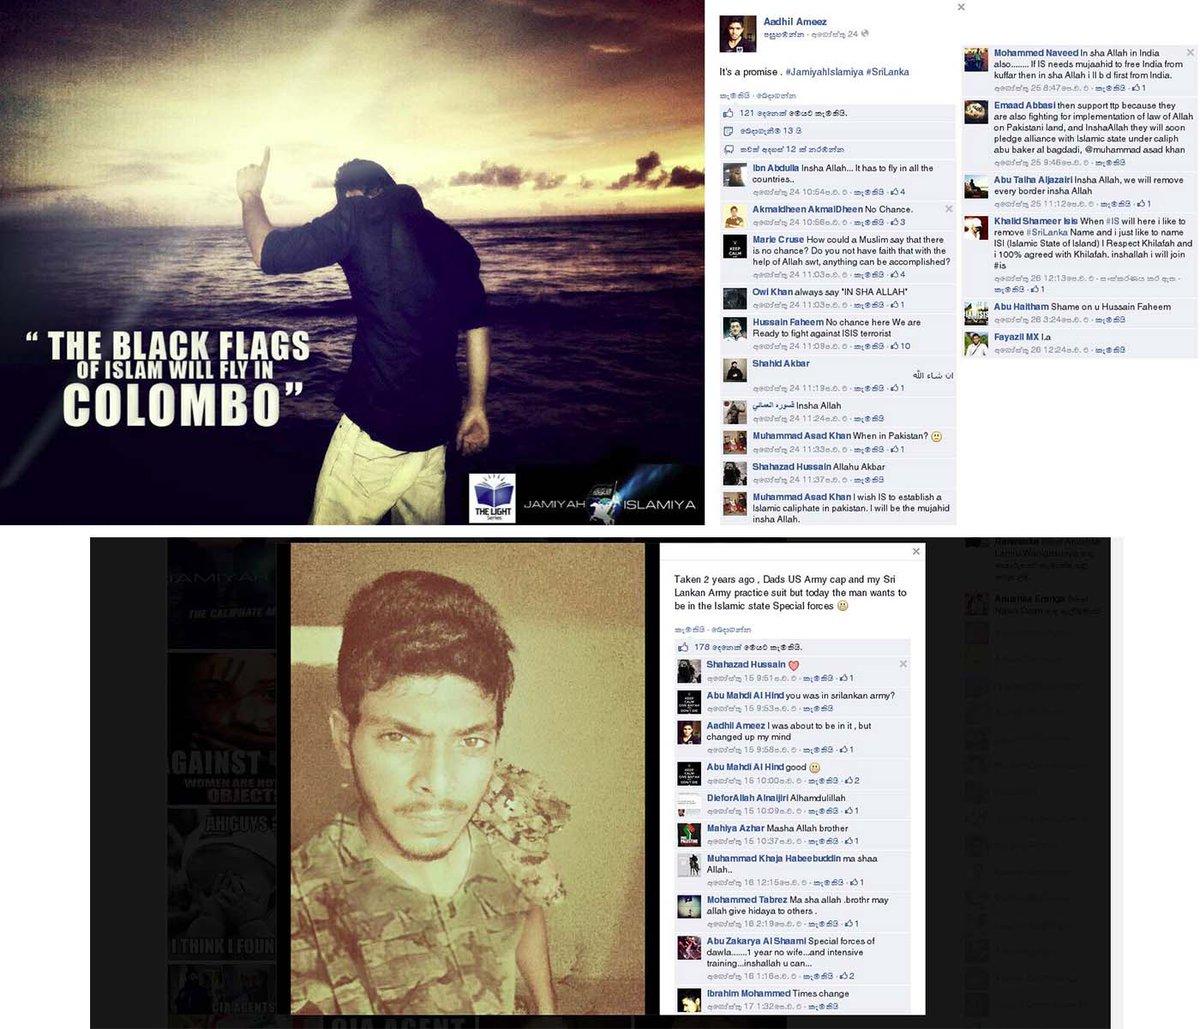 banislamicstateinsrilanka hashtag on Twitter